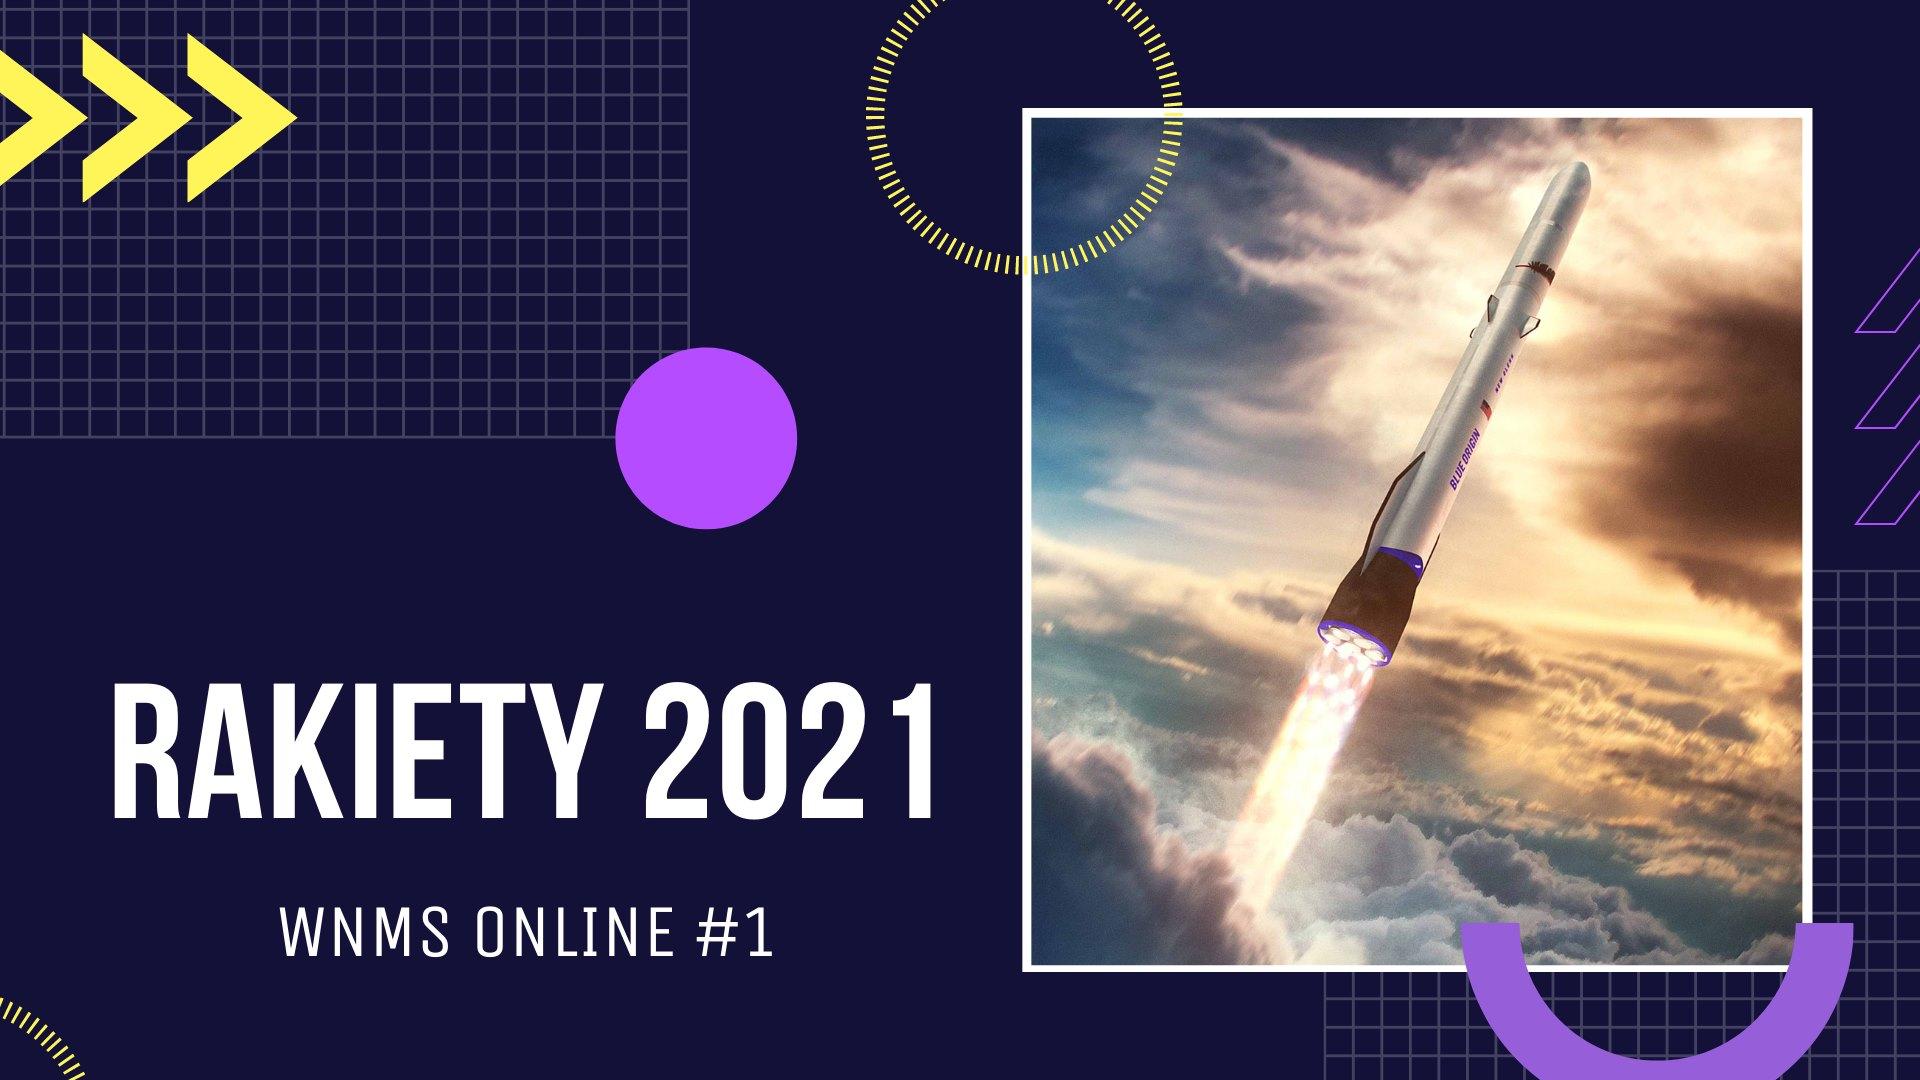 Rakiety 2021 - WNMS Online #01 @ Online